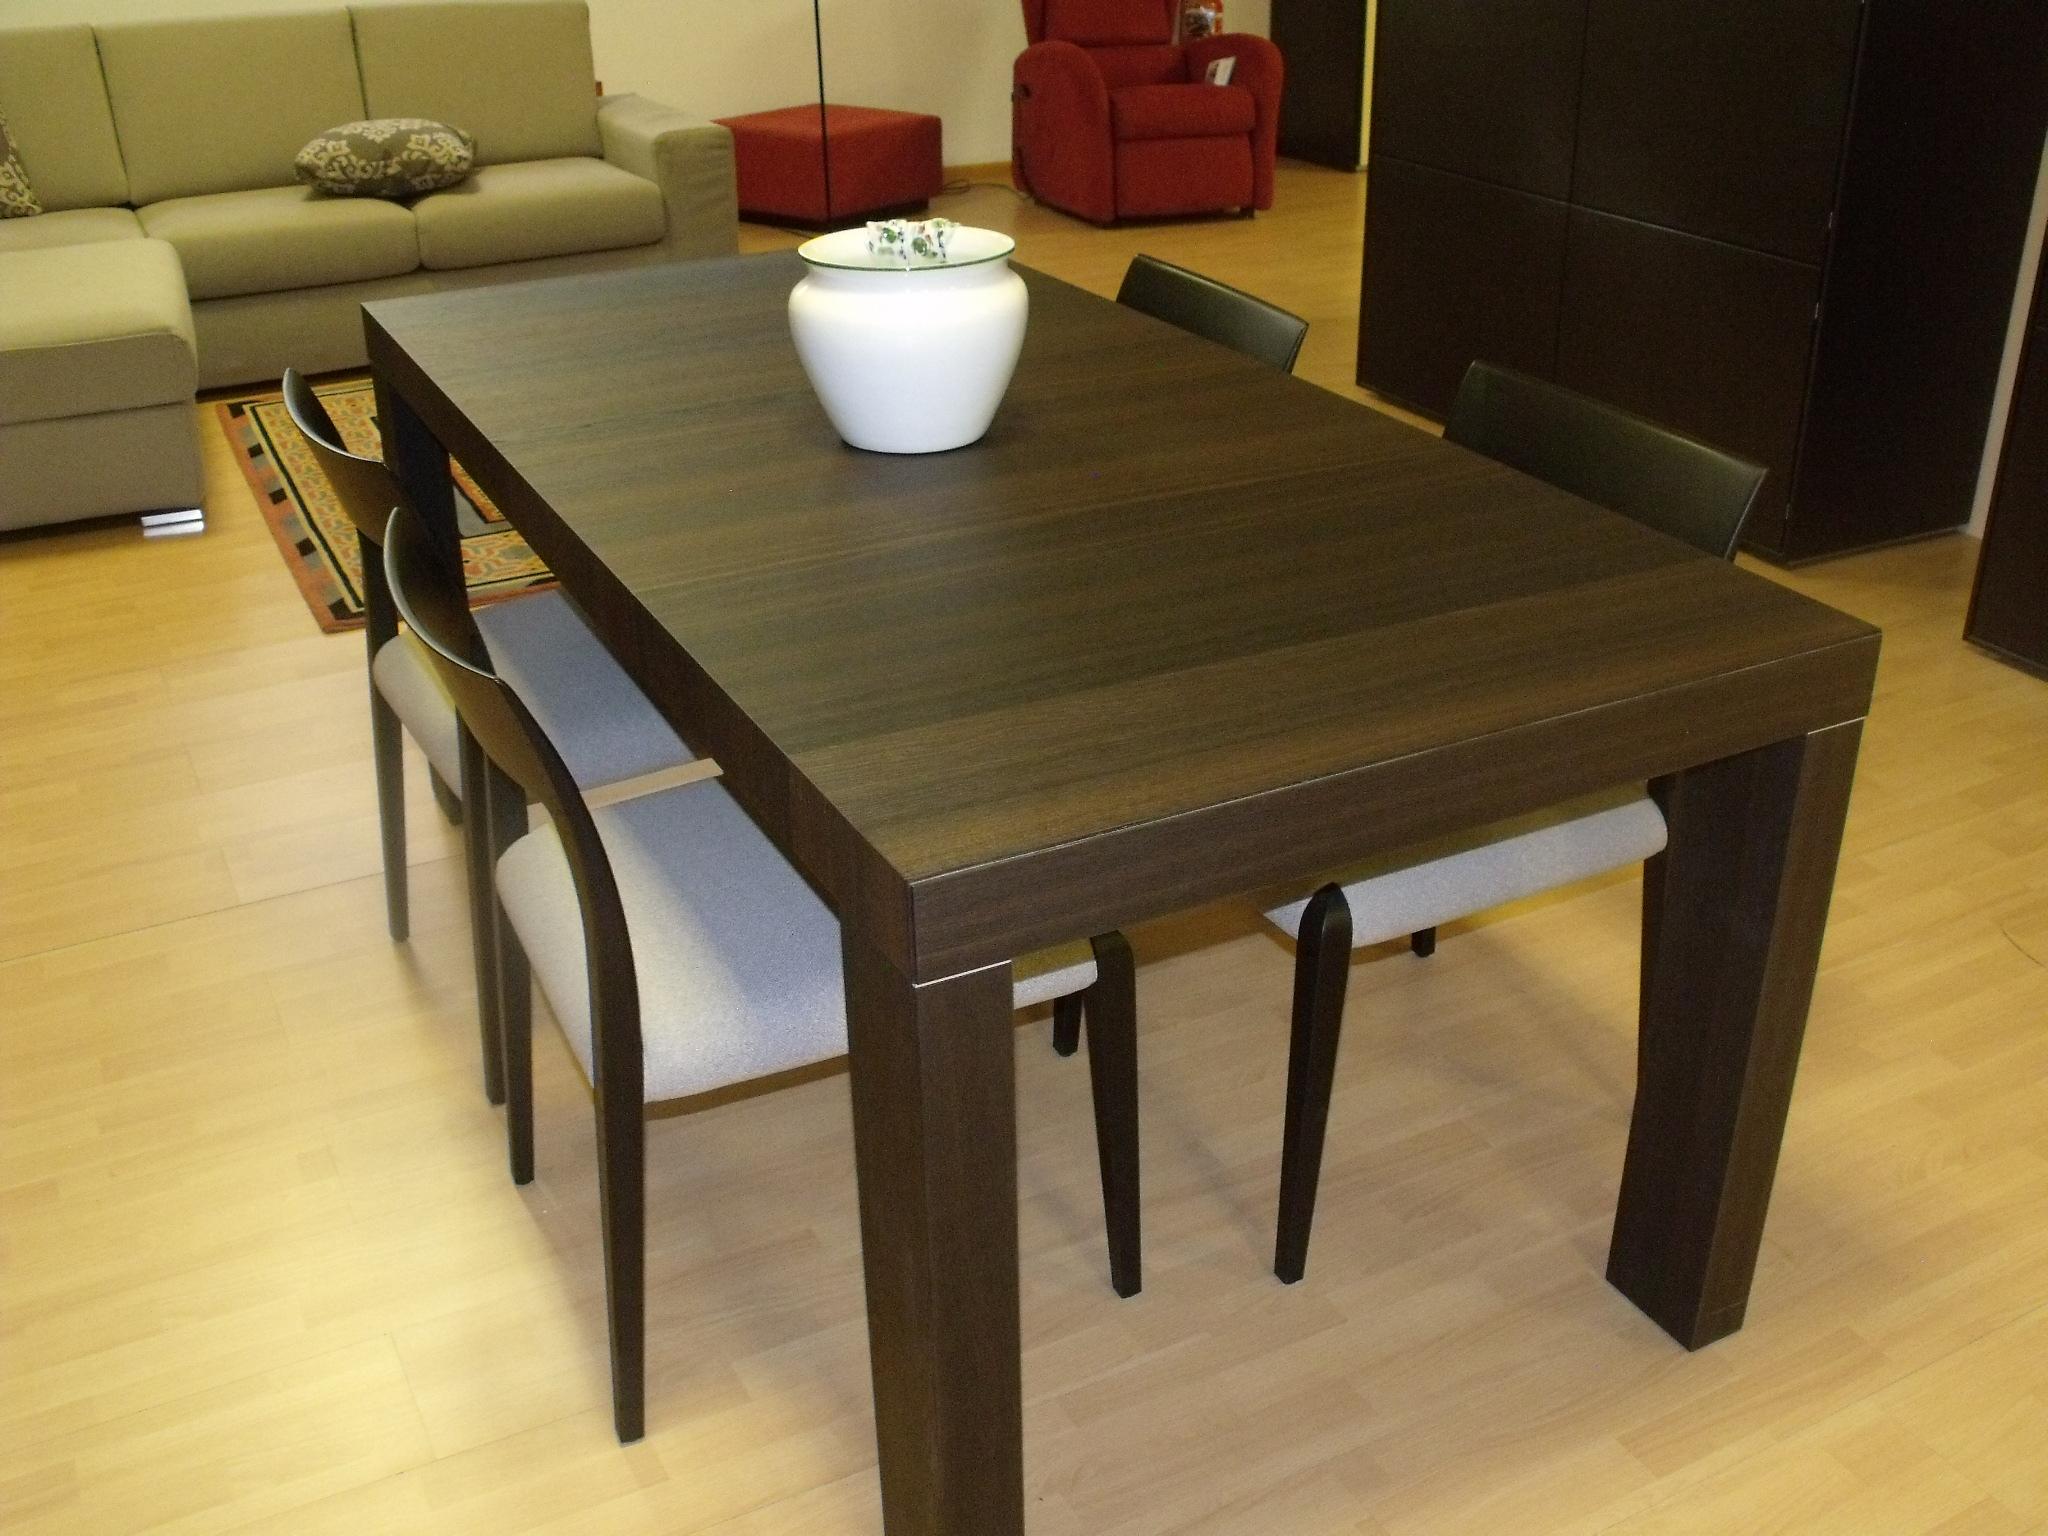 Tavolo poliform tavolo master rettangolari allungabili for Tavoli rettangolari allungabili in legno